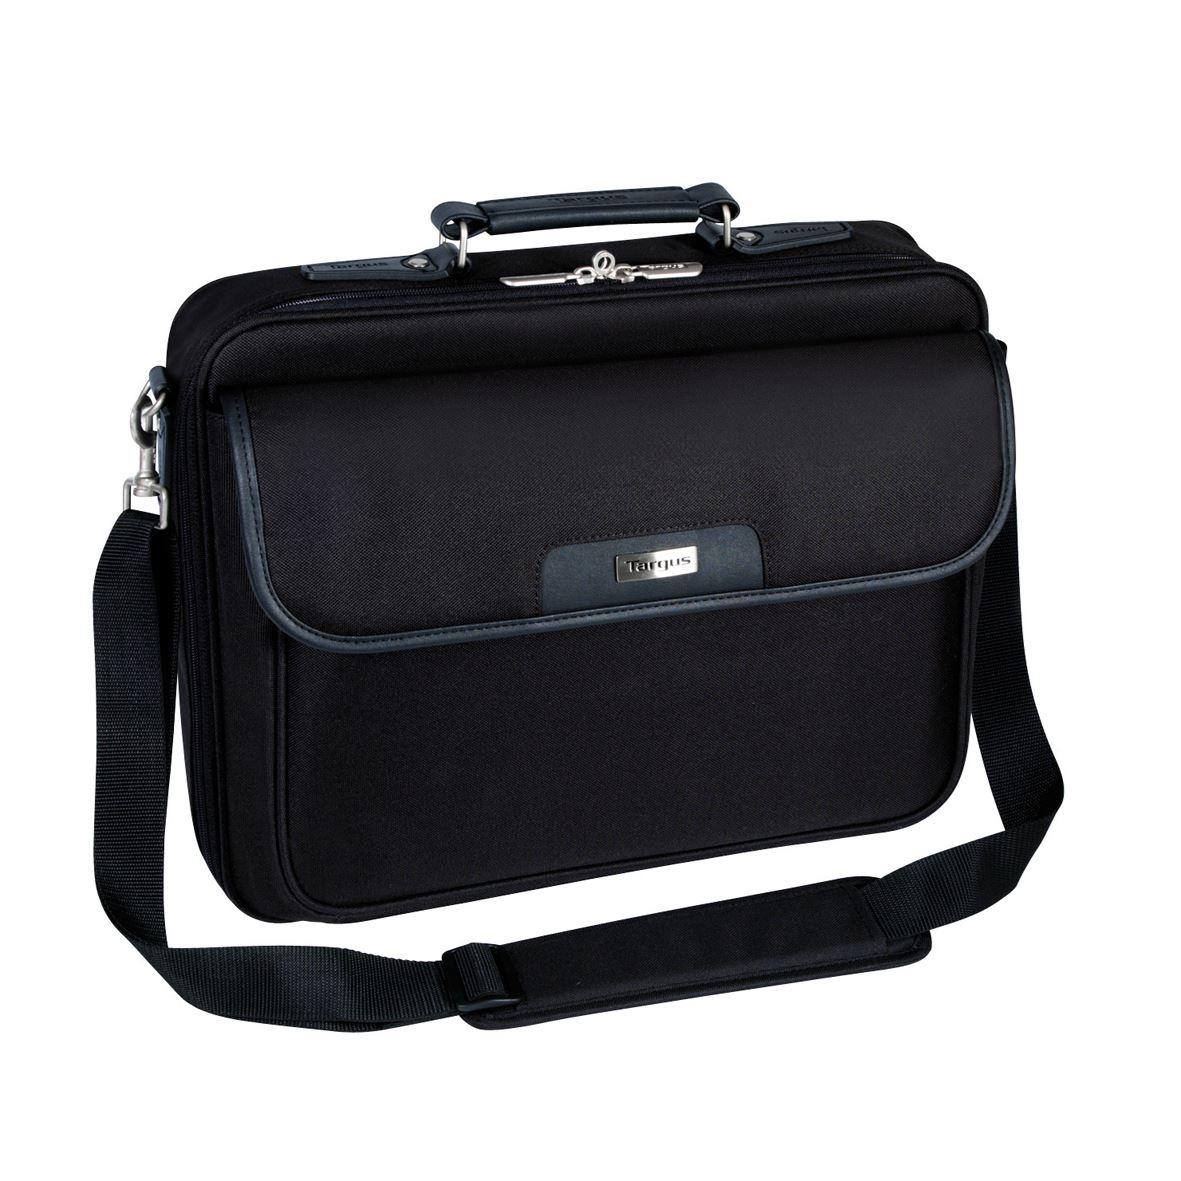 Geanta Laptop Targus Notepac CN01 15.4'' - 16''